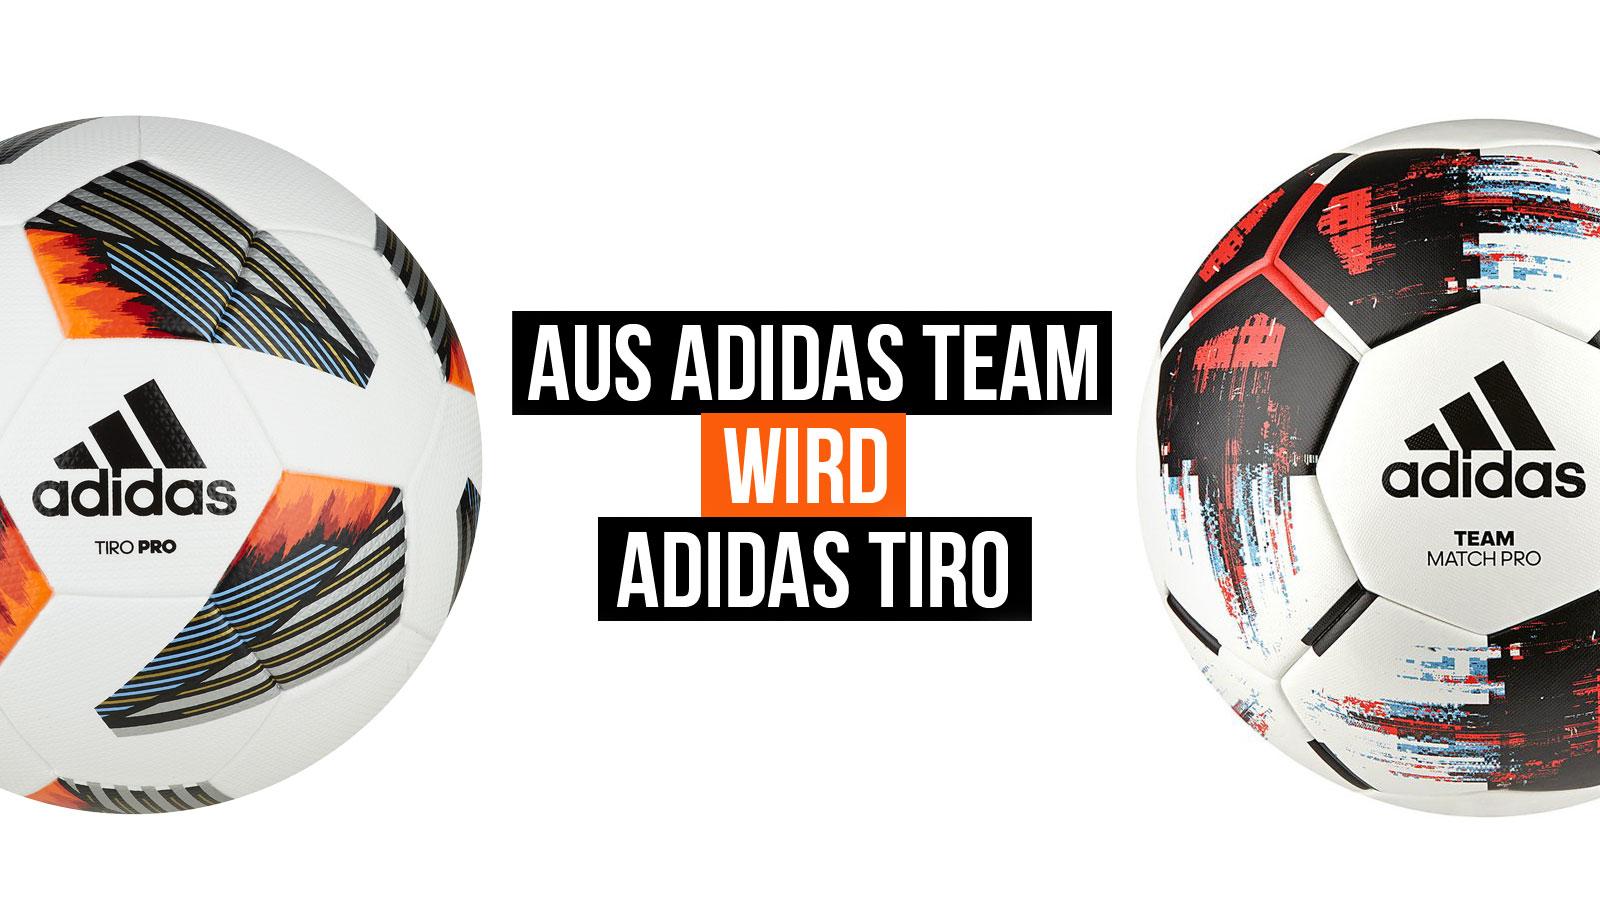 Die adidas Tiro Fußbälle ersetzen die adidas Team Fußbälle